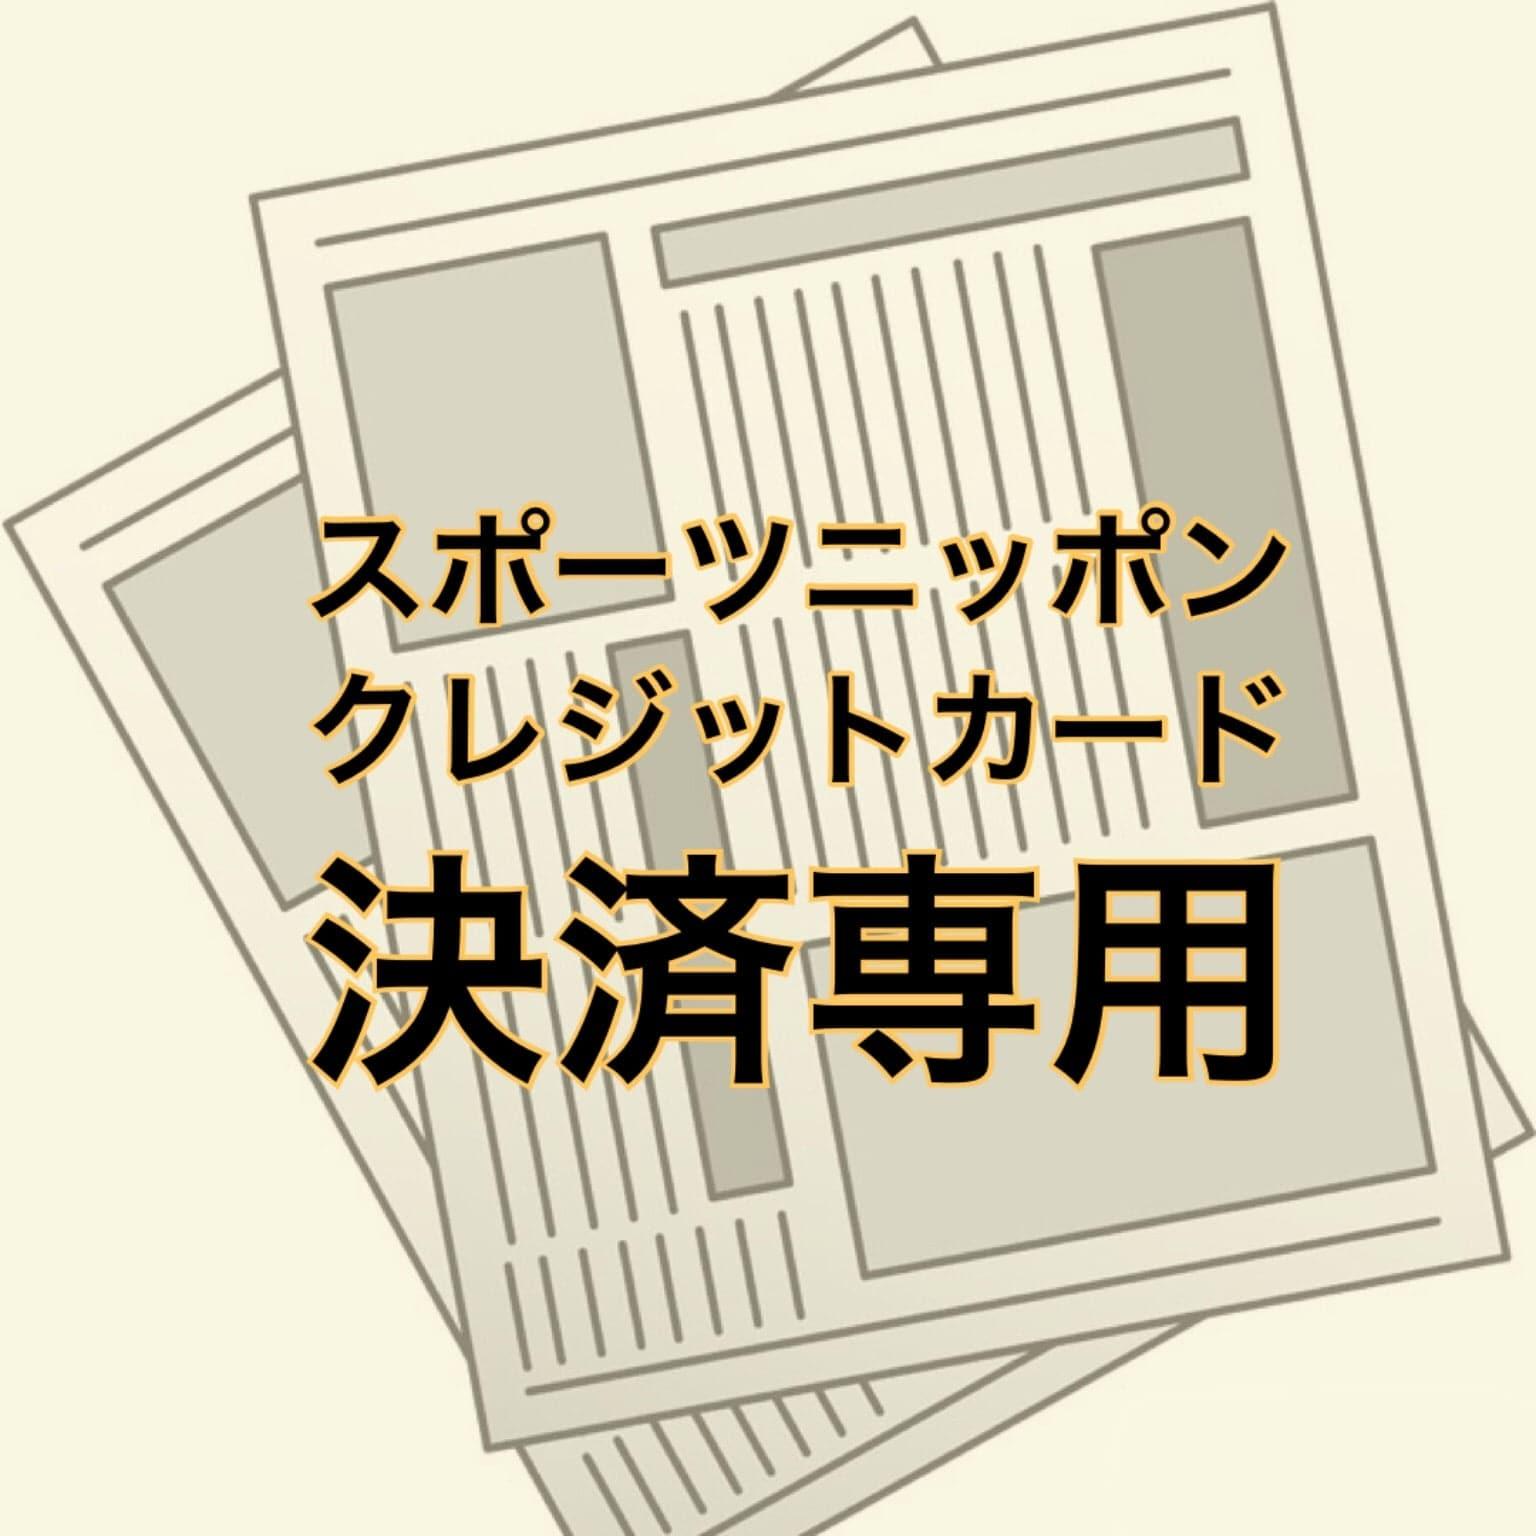 スポーツニッポン・クレジットカード決済専用のイメージその1